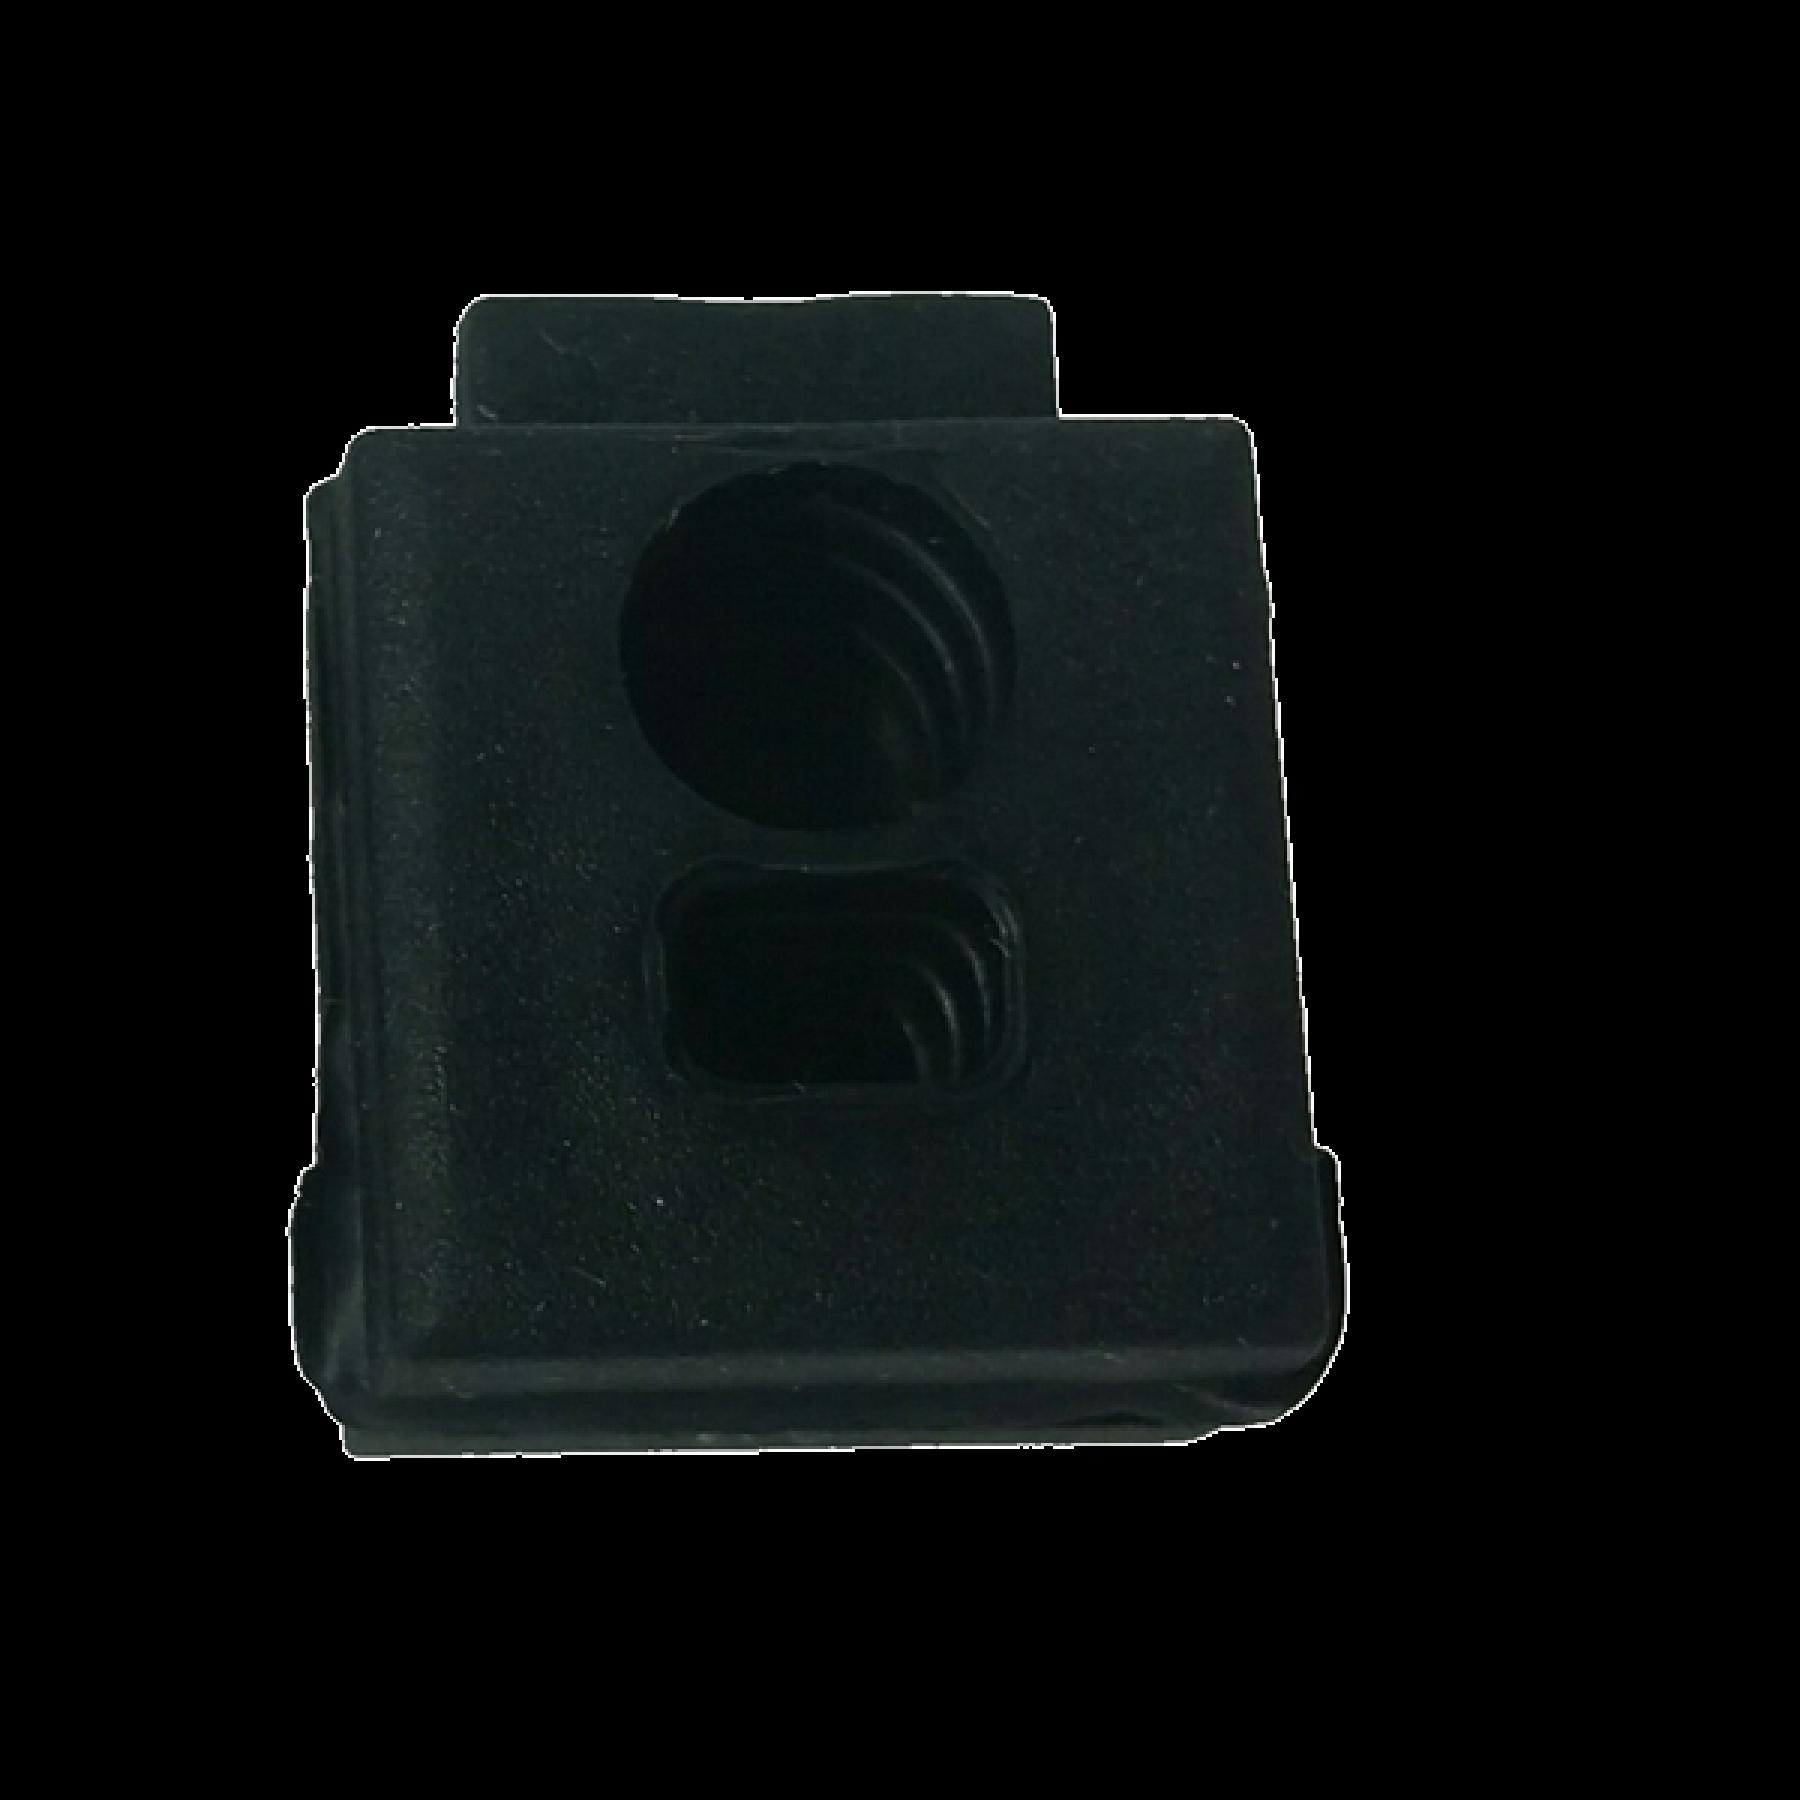 Aspock kabeldoorvoer 1xrond,1xhoekig gesloten